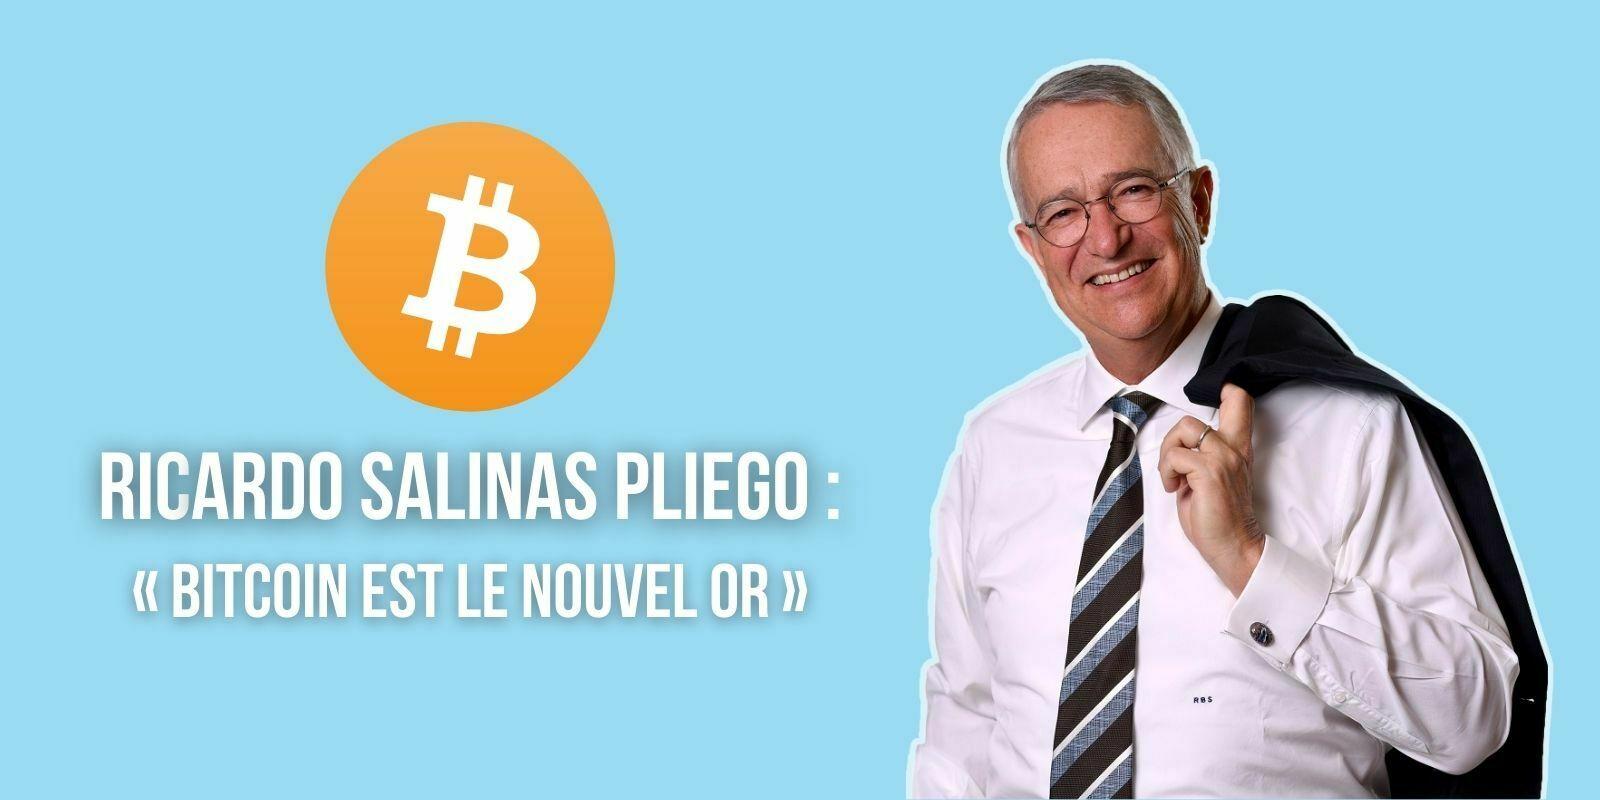 Ce milliardaire mexicain souhaite que sa banque accepte le Bitcoin (BTC)